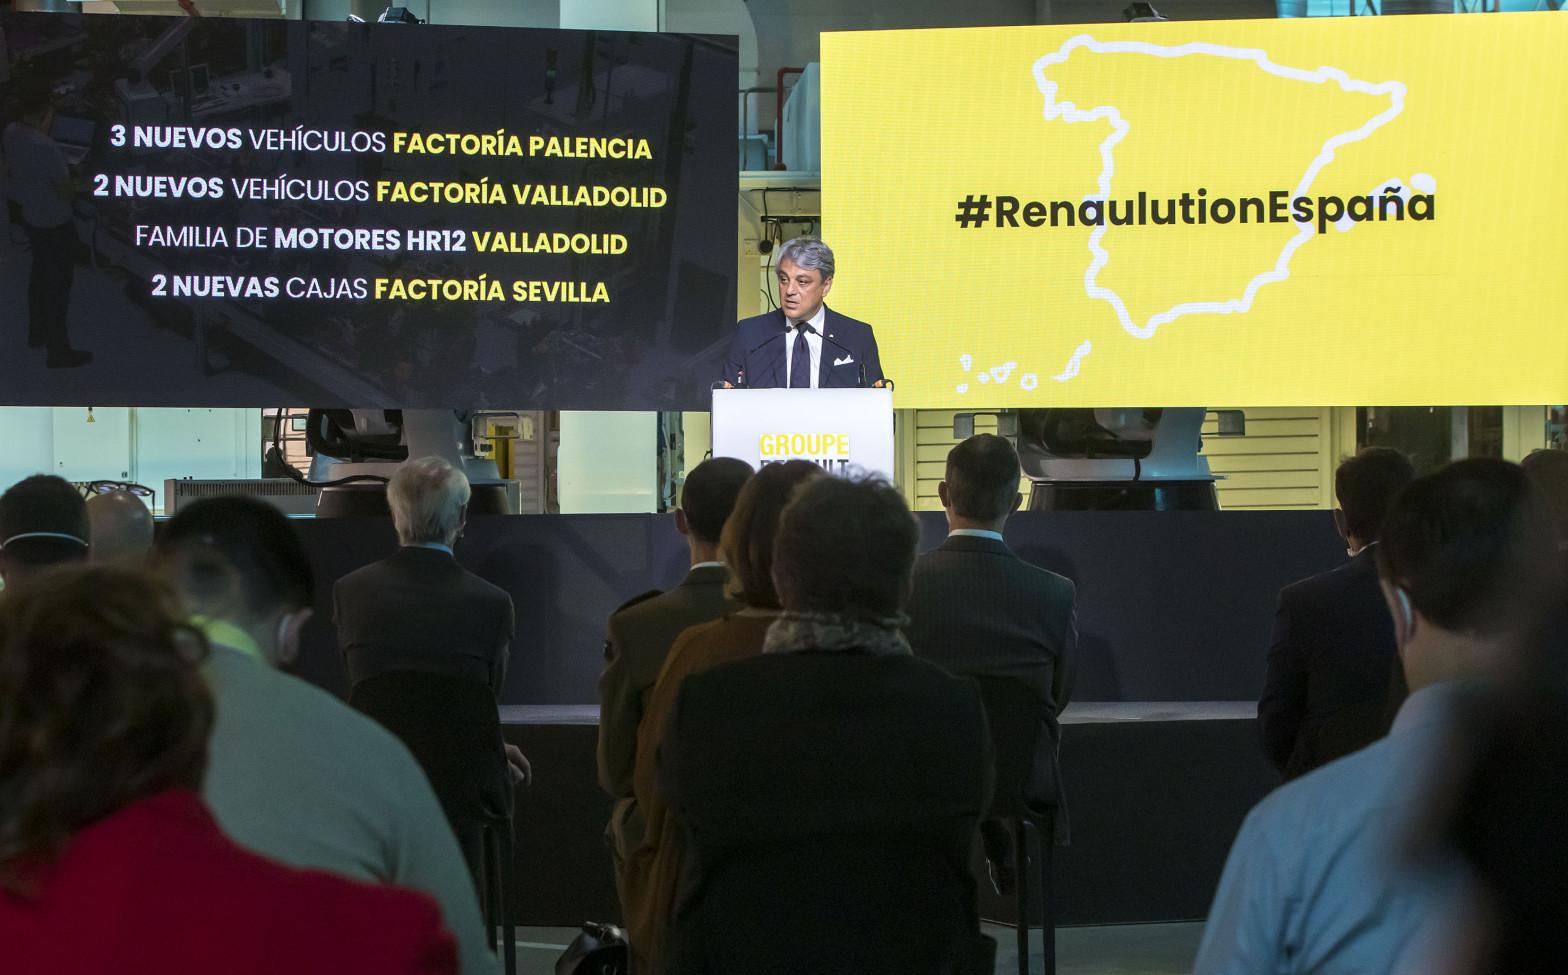 Luca de Meo confirma cinco nuevos modelos para las plantas españolas de Renault